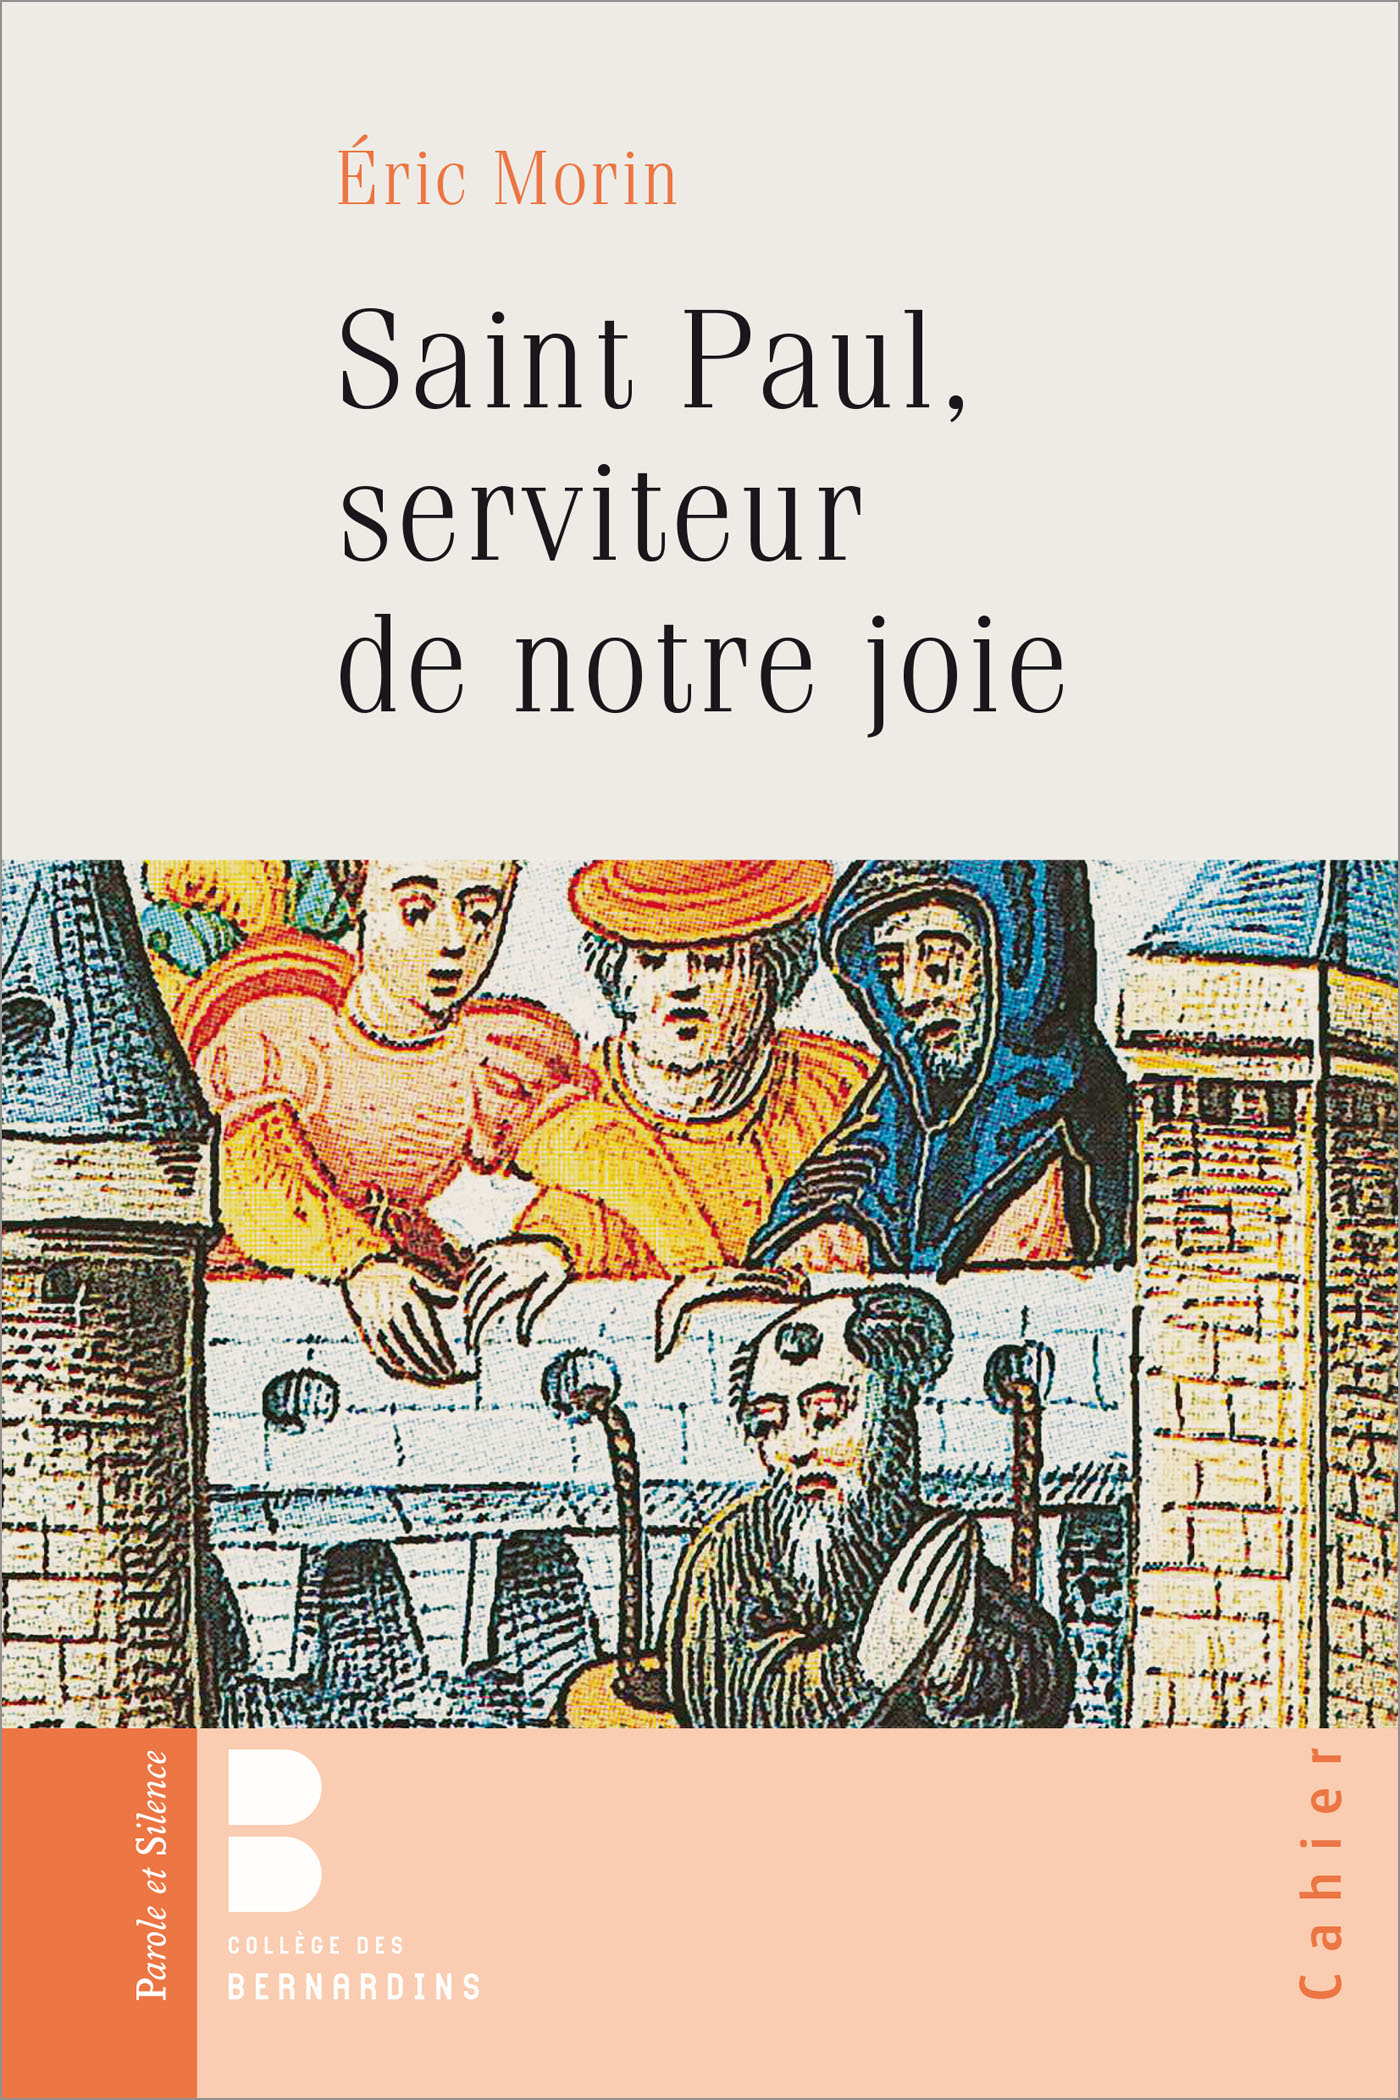 Saint Paul, serviteur de notre joie